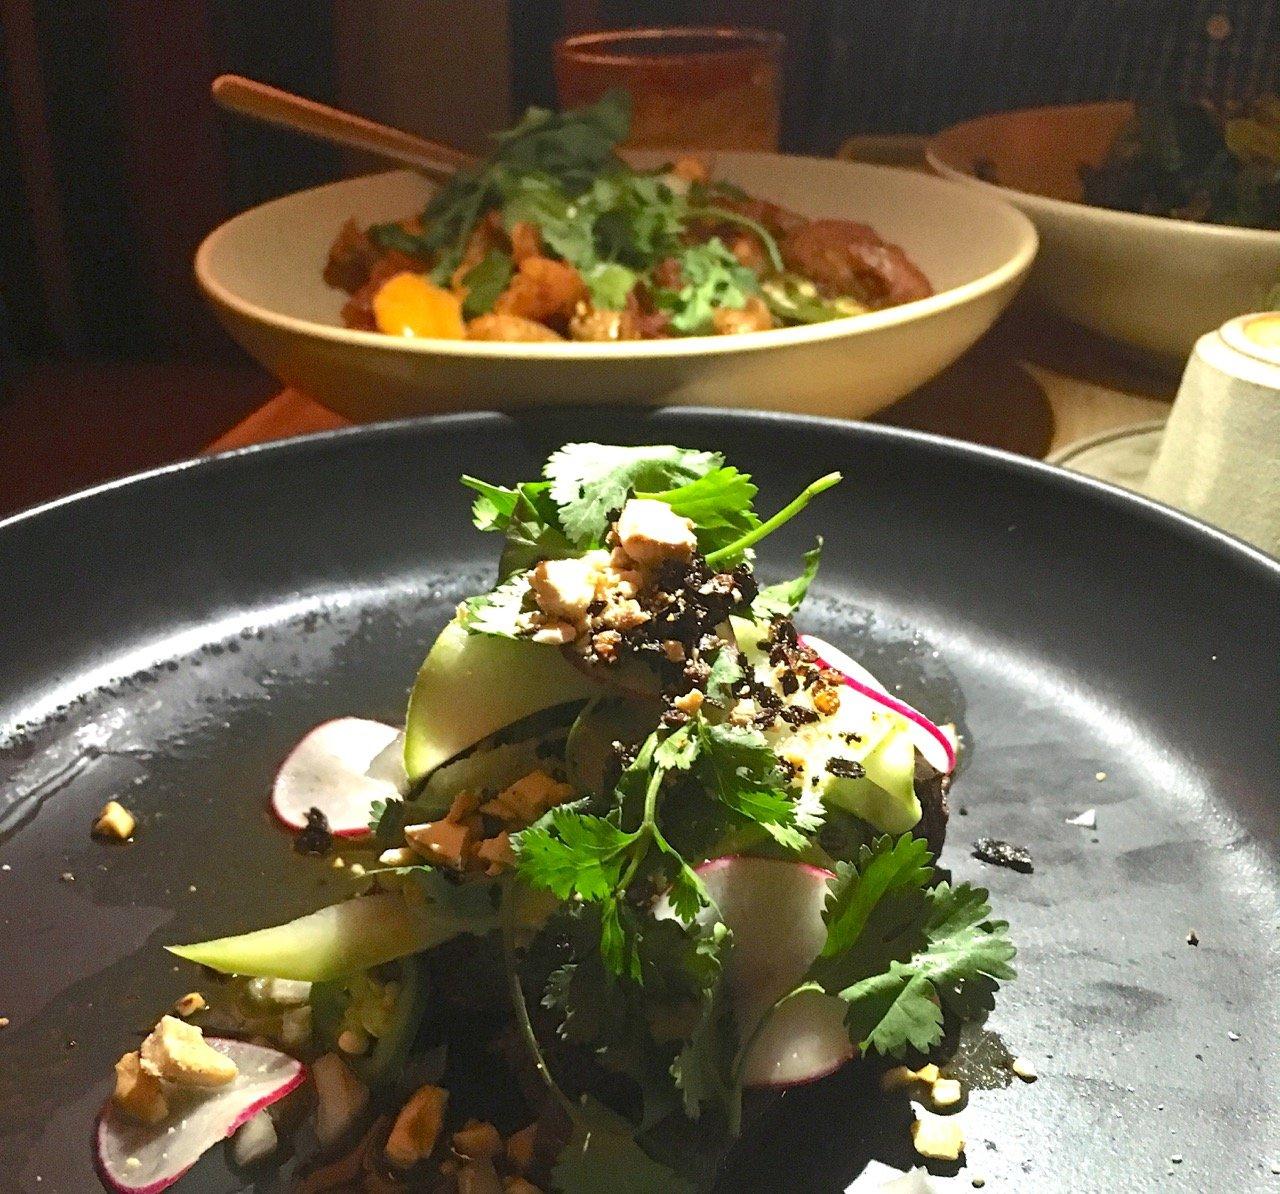 Gluten-Free Restaurants in Austin - ATX Cocina Modern Mexican